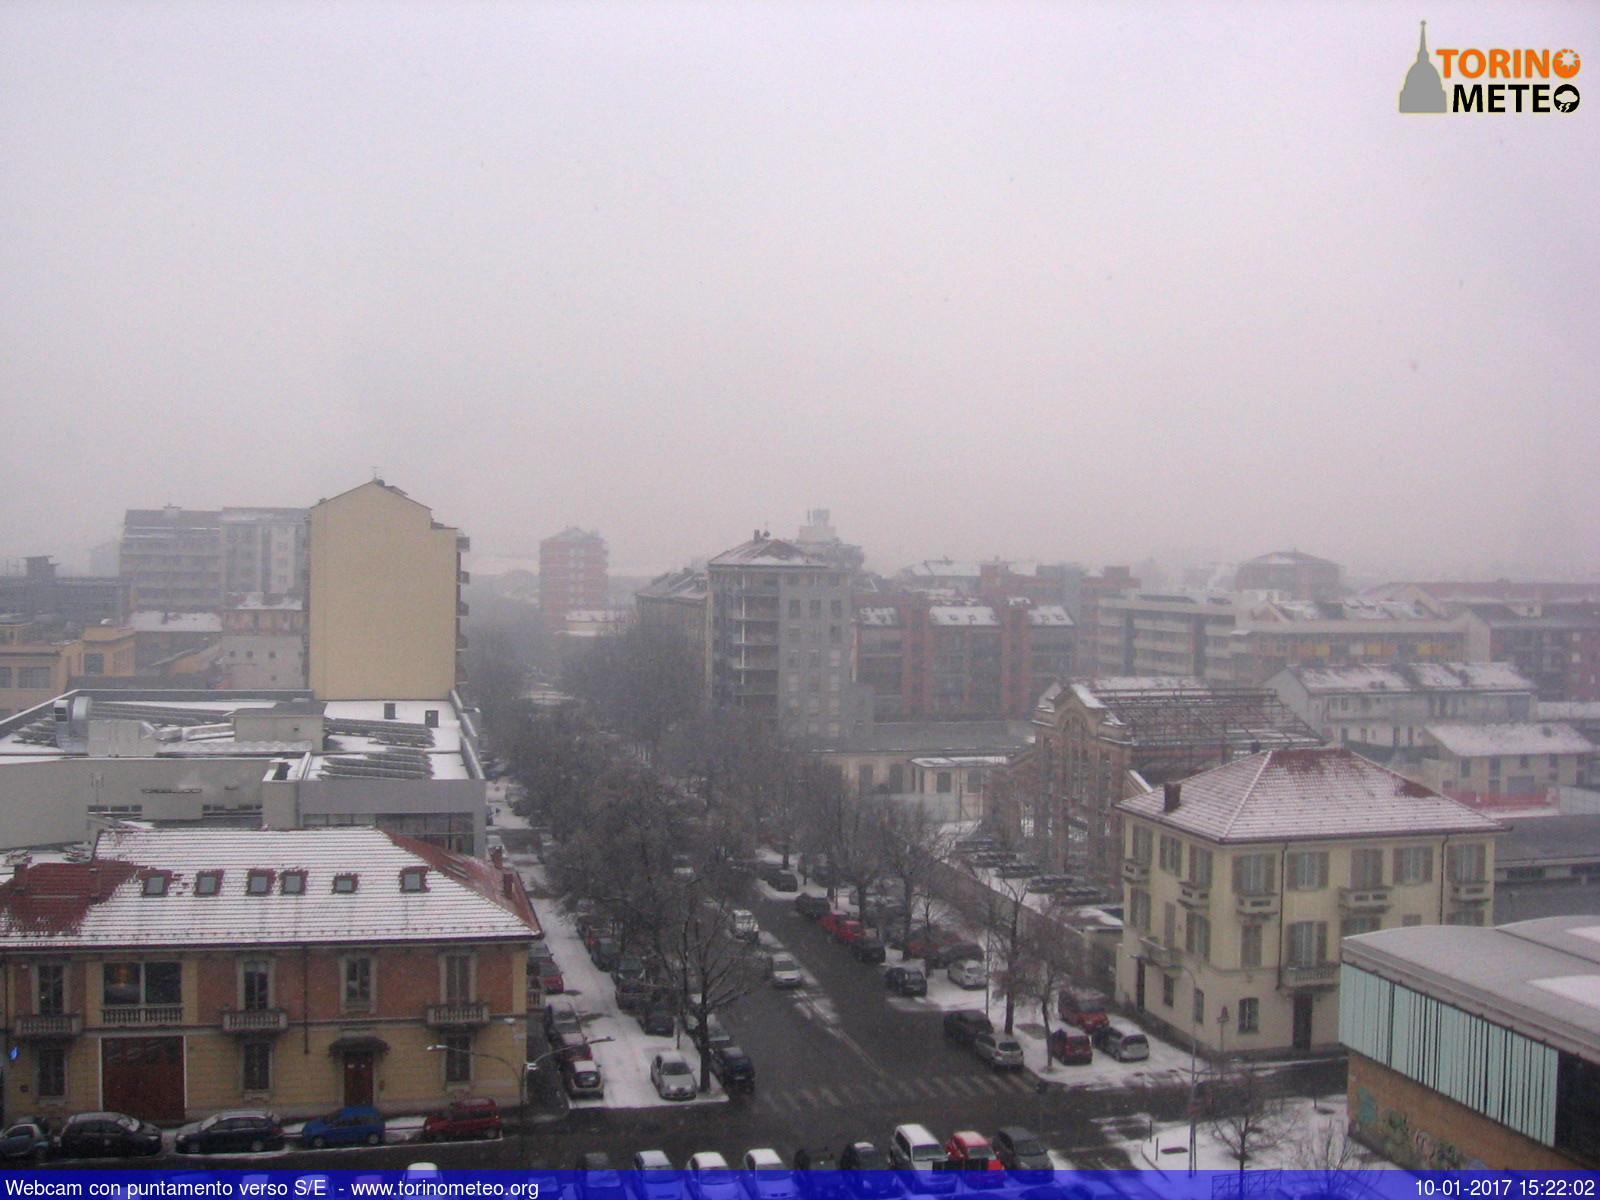 Meteo storica nevicata contemporanea in atto su torino e for Torino contemporanea